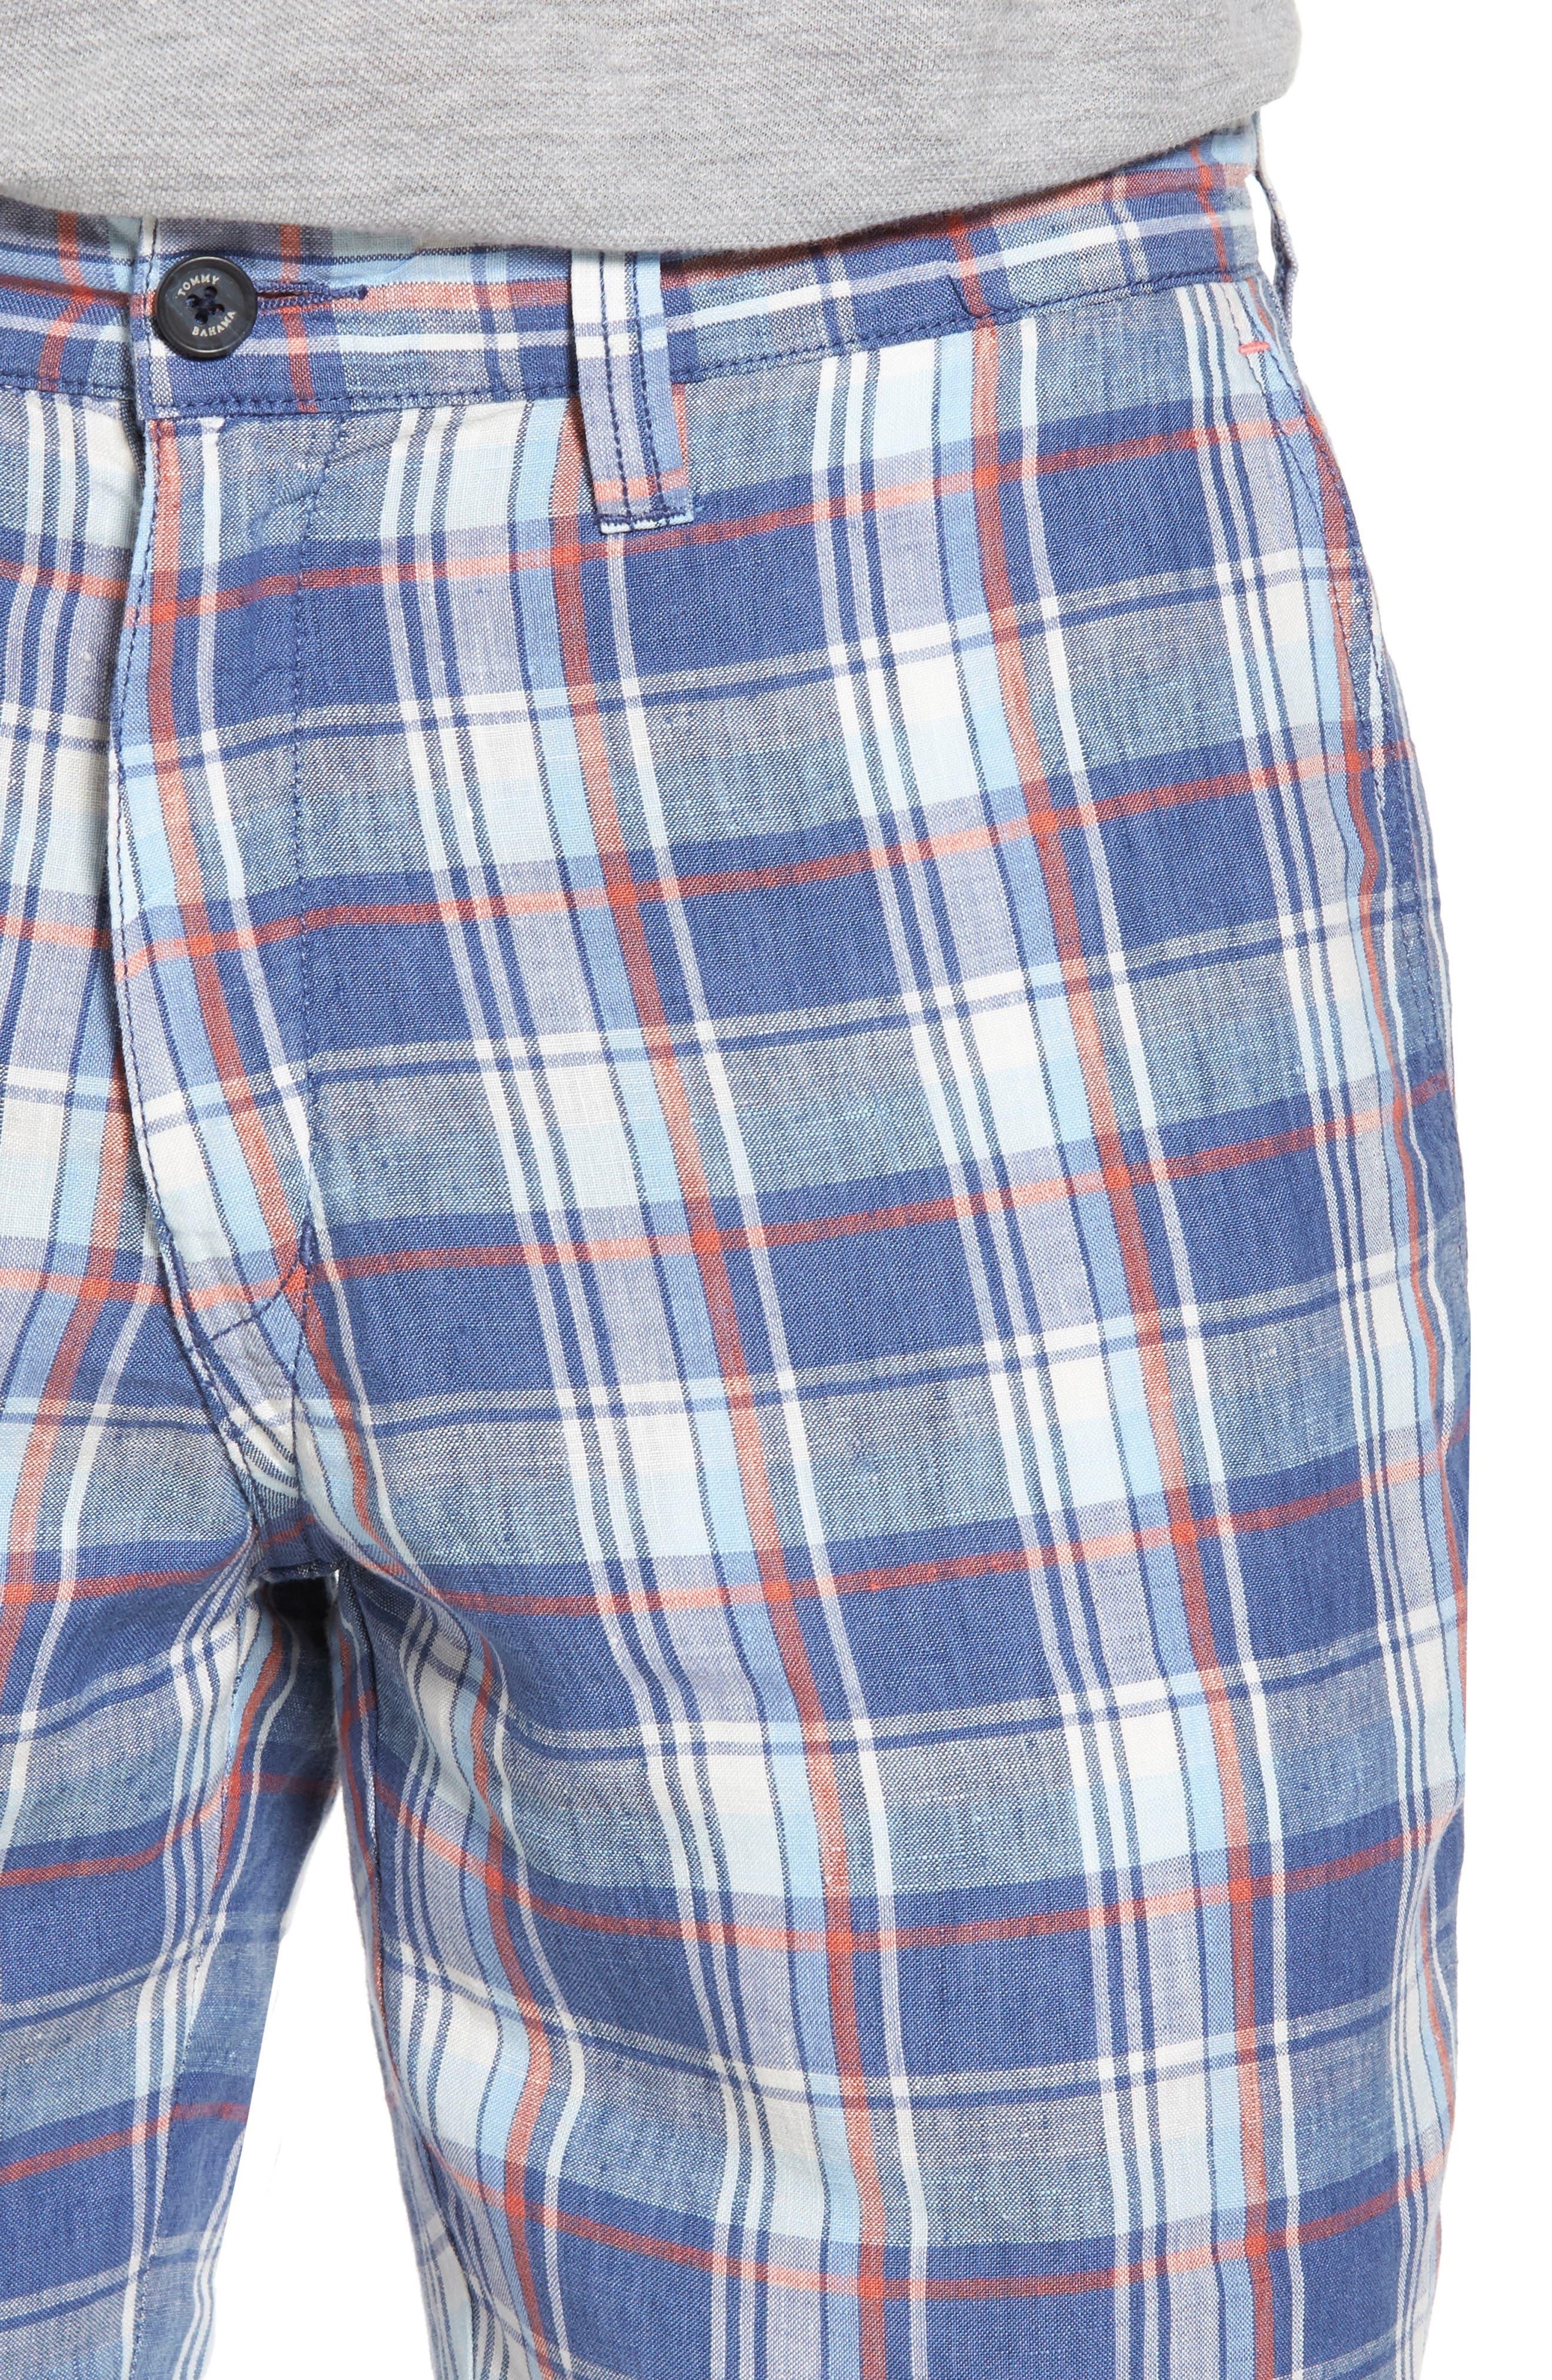 Plaid De Leon Reversible Shorts,                             Alternate thumbnail 10, color,